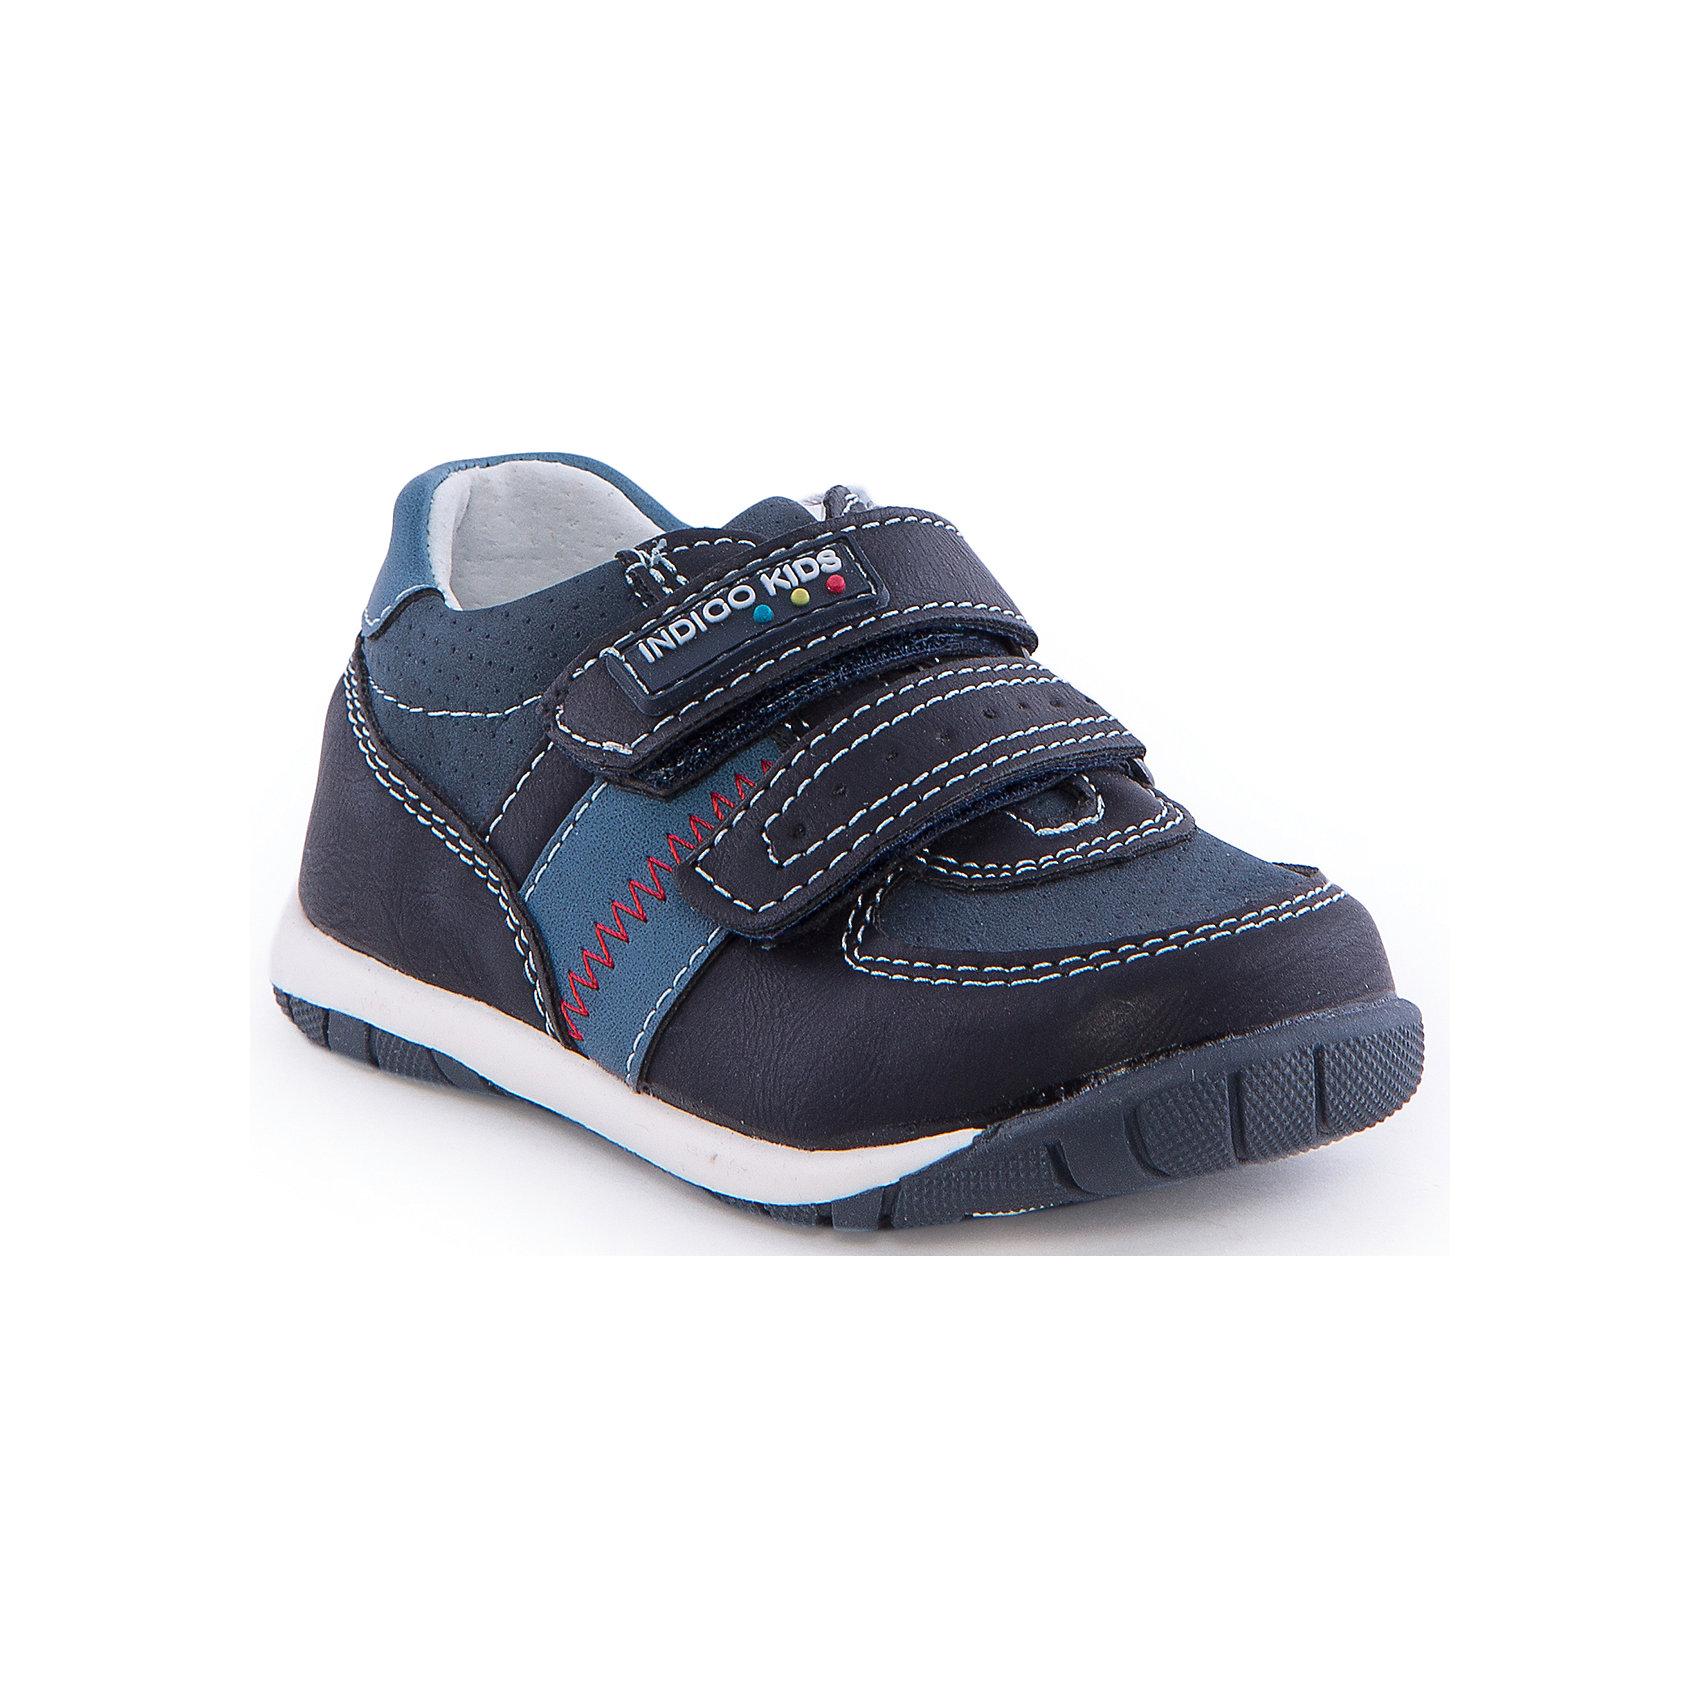 Полуботинки для мальчика Indigo kidsБотинки<br>Полуботинки для мальчика от известного бренда Indigo kids<br><br>Модные синие Полуботинки позволяют ножкам ребенка свободно дышать. Они легко надеваются и комфортно садятся по ноге. Оригинальный дизайн и качественное исполнение выделяют такую обувь из общего ряда новых моделей для этого сезона.<br><br>Особенности модели:<br><br>- цвет - синий;<br>- стильный дизайн;<br>- удобная колодка;<br>- декорированы контрастной прошивкой;<br>- кожаная подкладка;<br>- украшены логотипом;<br>- устойчивая подошва;<br>- дышащий материал;<br>- застежки: липучки.<br><br>Дополнительная информация:<br><br>Температурный режим:<br>от +10° С до +20° С<br><br>Состав:<br><br>верх – искусственная кожа;<br>подкладка -   натуральная кожа;<br>подошва - ТЭП.<br><br>Полуботинки для мальчика Indigo kids (Индиго Кидс) можно купить в нашем магазине.<br><br>Ширина мм: 262<br>Глубина мм: 176<br>Высота мм: 97<br>Вес г: 427<br>Цвет: синий<br>Возраст от месяцев: 12<br>Возраст до месяцев: 15<br>Пол: Мужской<br>Возраст: Детский<br>Размер: 21,25,23,24,22,20<br>SKU: 4582798